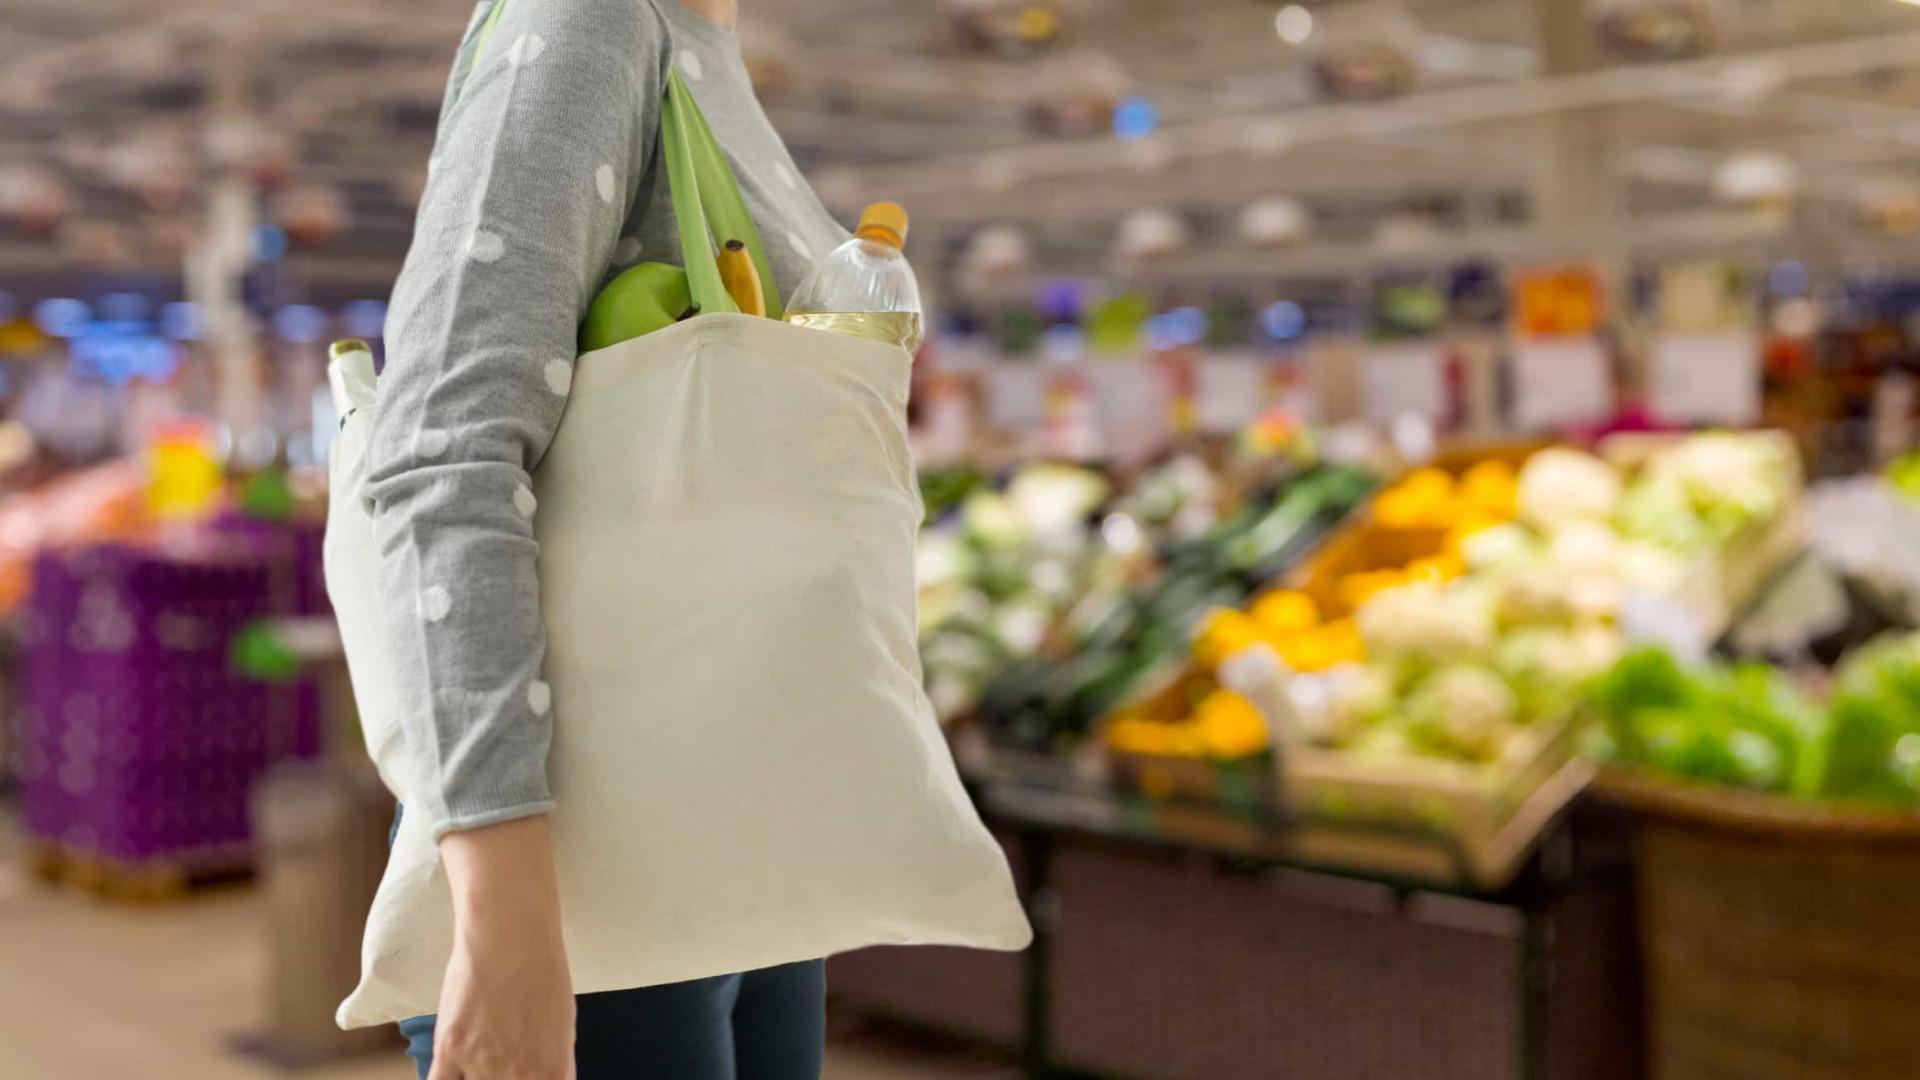 Consumo das famílias, carro-chefe da economia, registra queda histórica